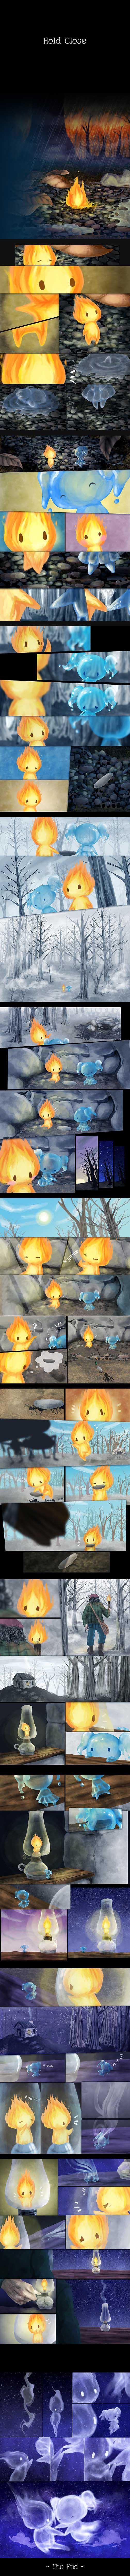 Una pequeña historia de amor entre el agua y el fuego